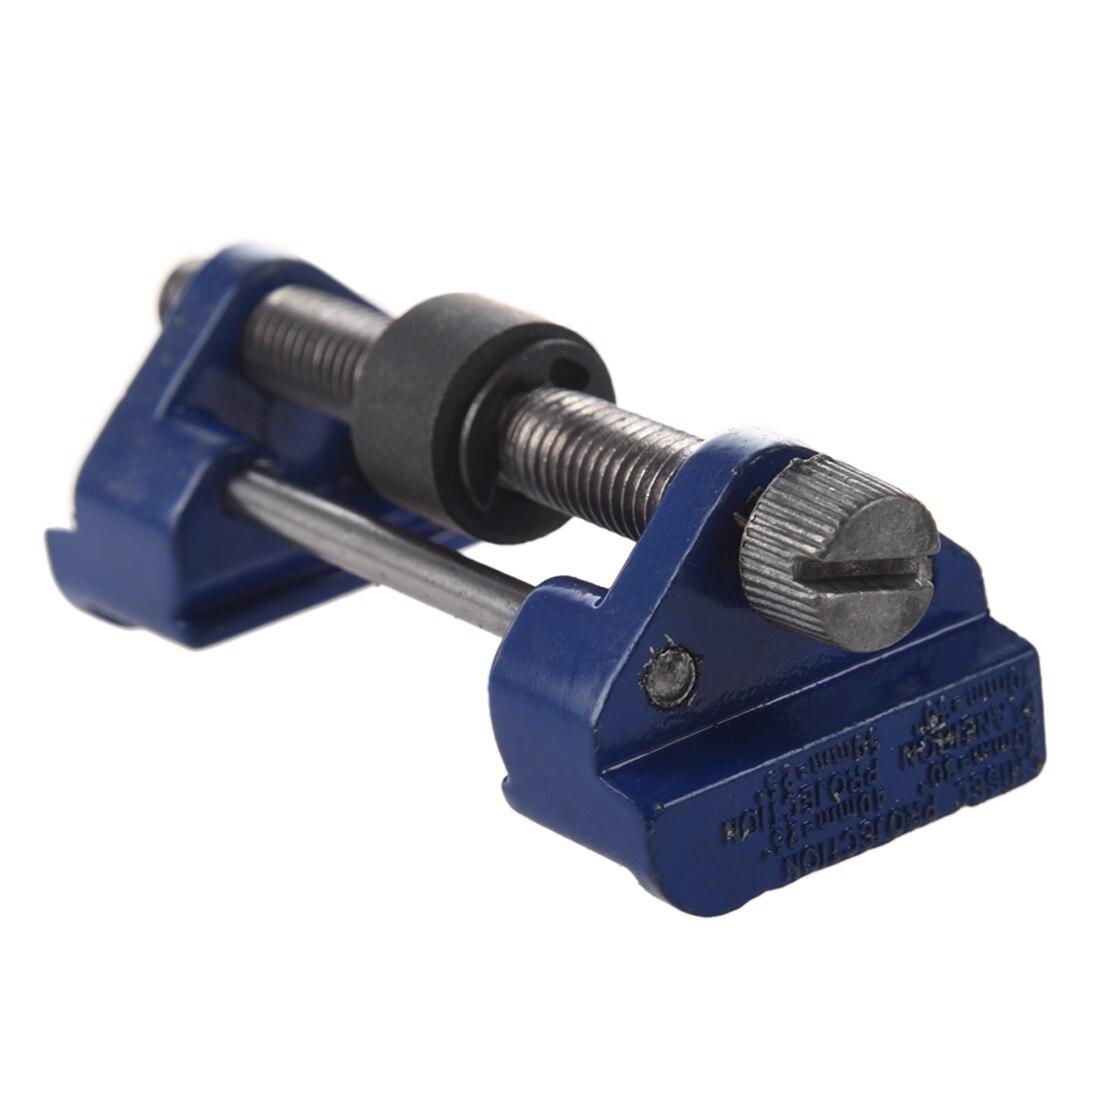 Metal bruñido guía madera plano y Cinceles afilado plano hierro cepillos cuchillas herramienta azul